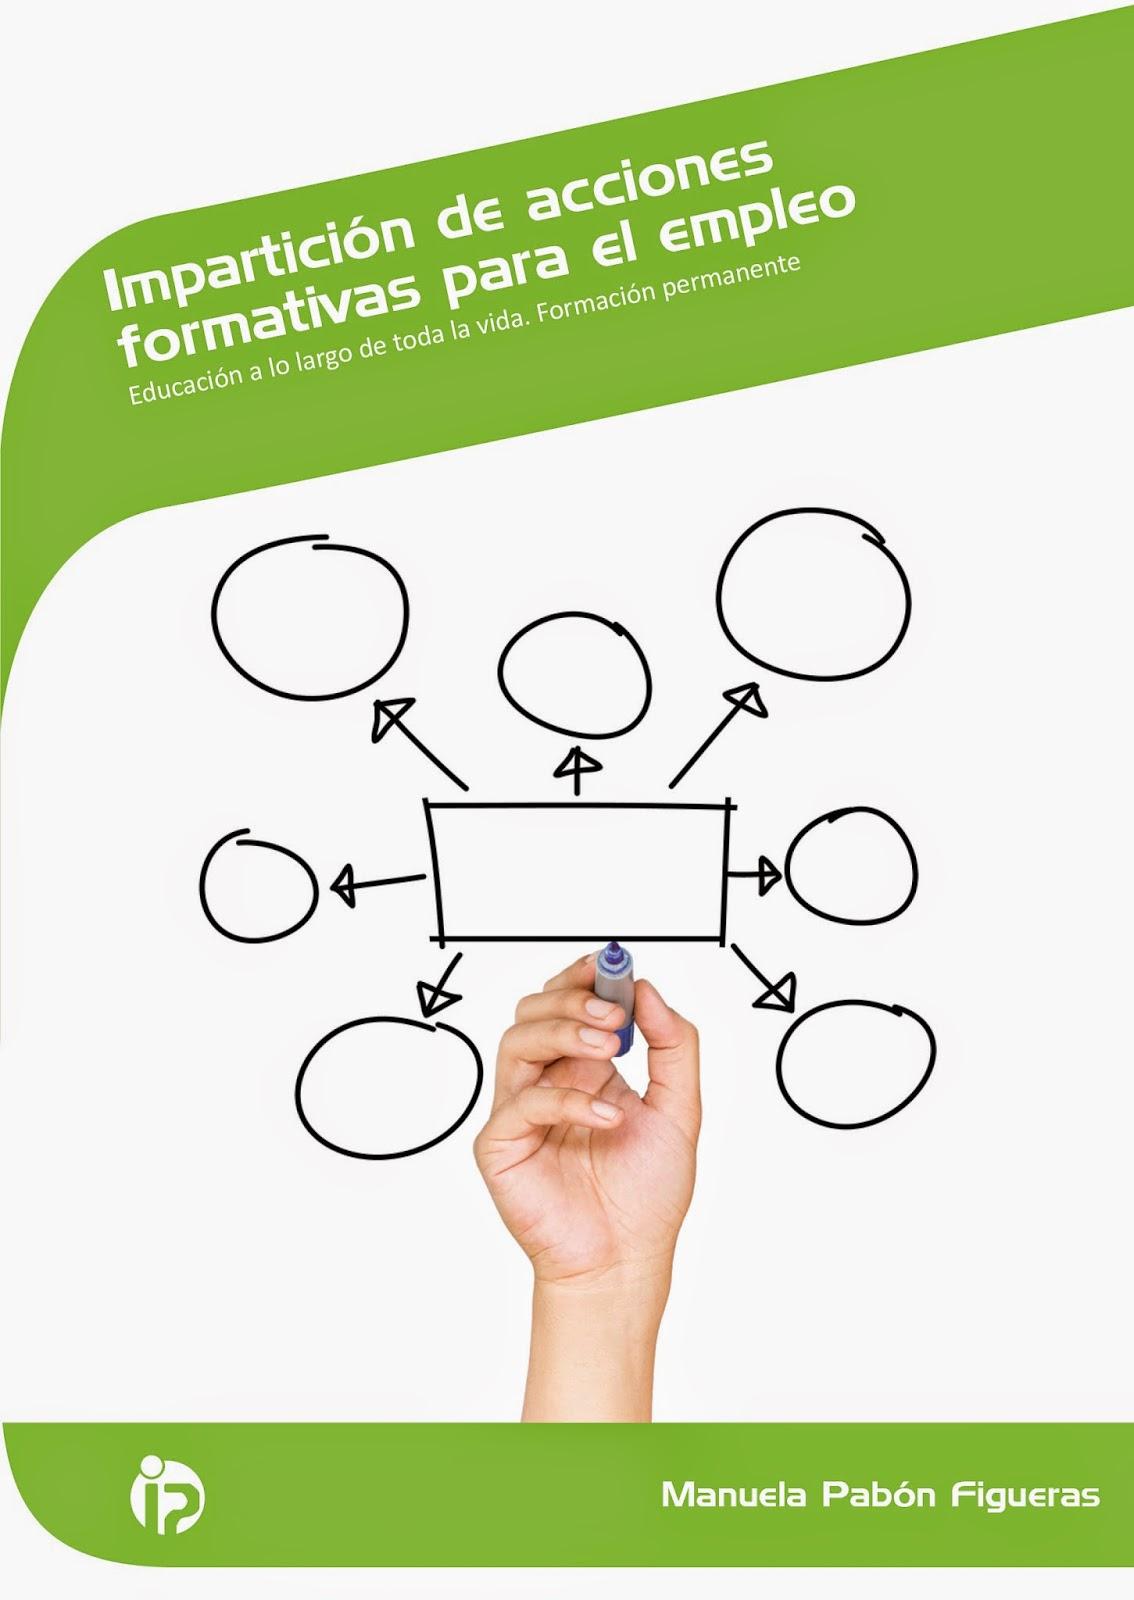 http://www.ideaspropiaseditorial.com/na/es/shop/docencia-de-la-formacion-profesional-para-el-empleo/manual/imparticion-de-acciones-formativas-para-el-empleo.aspx